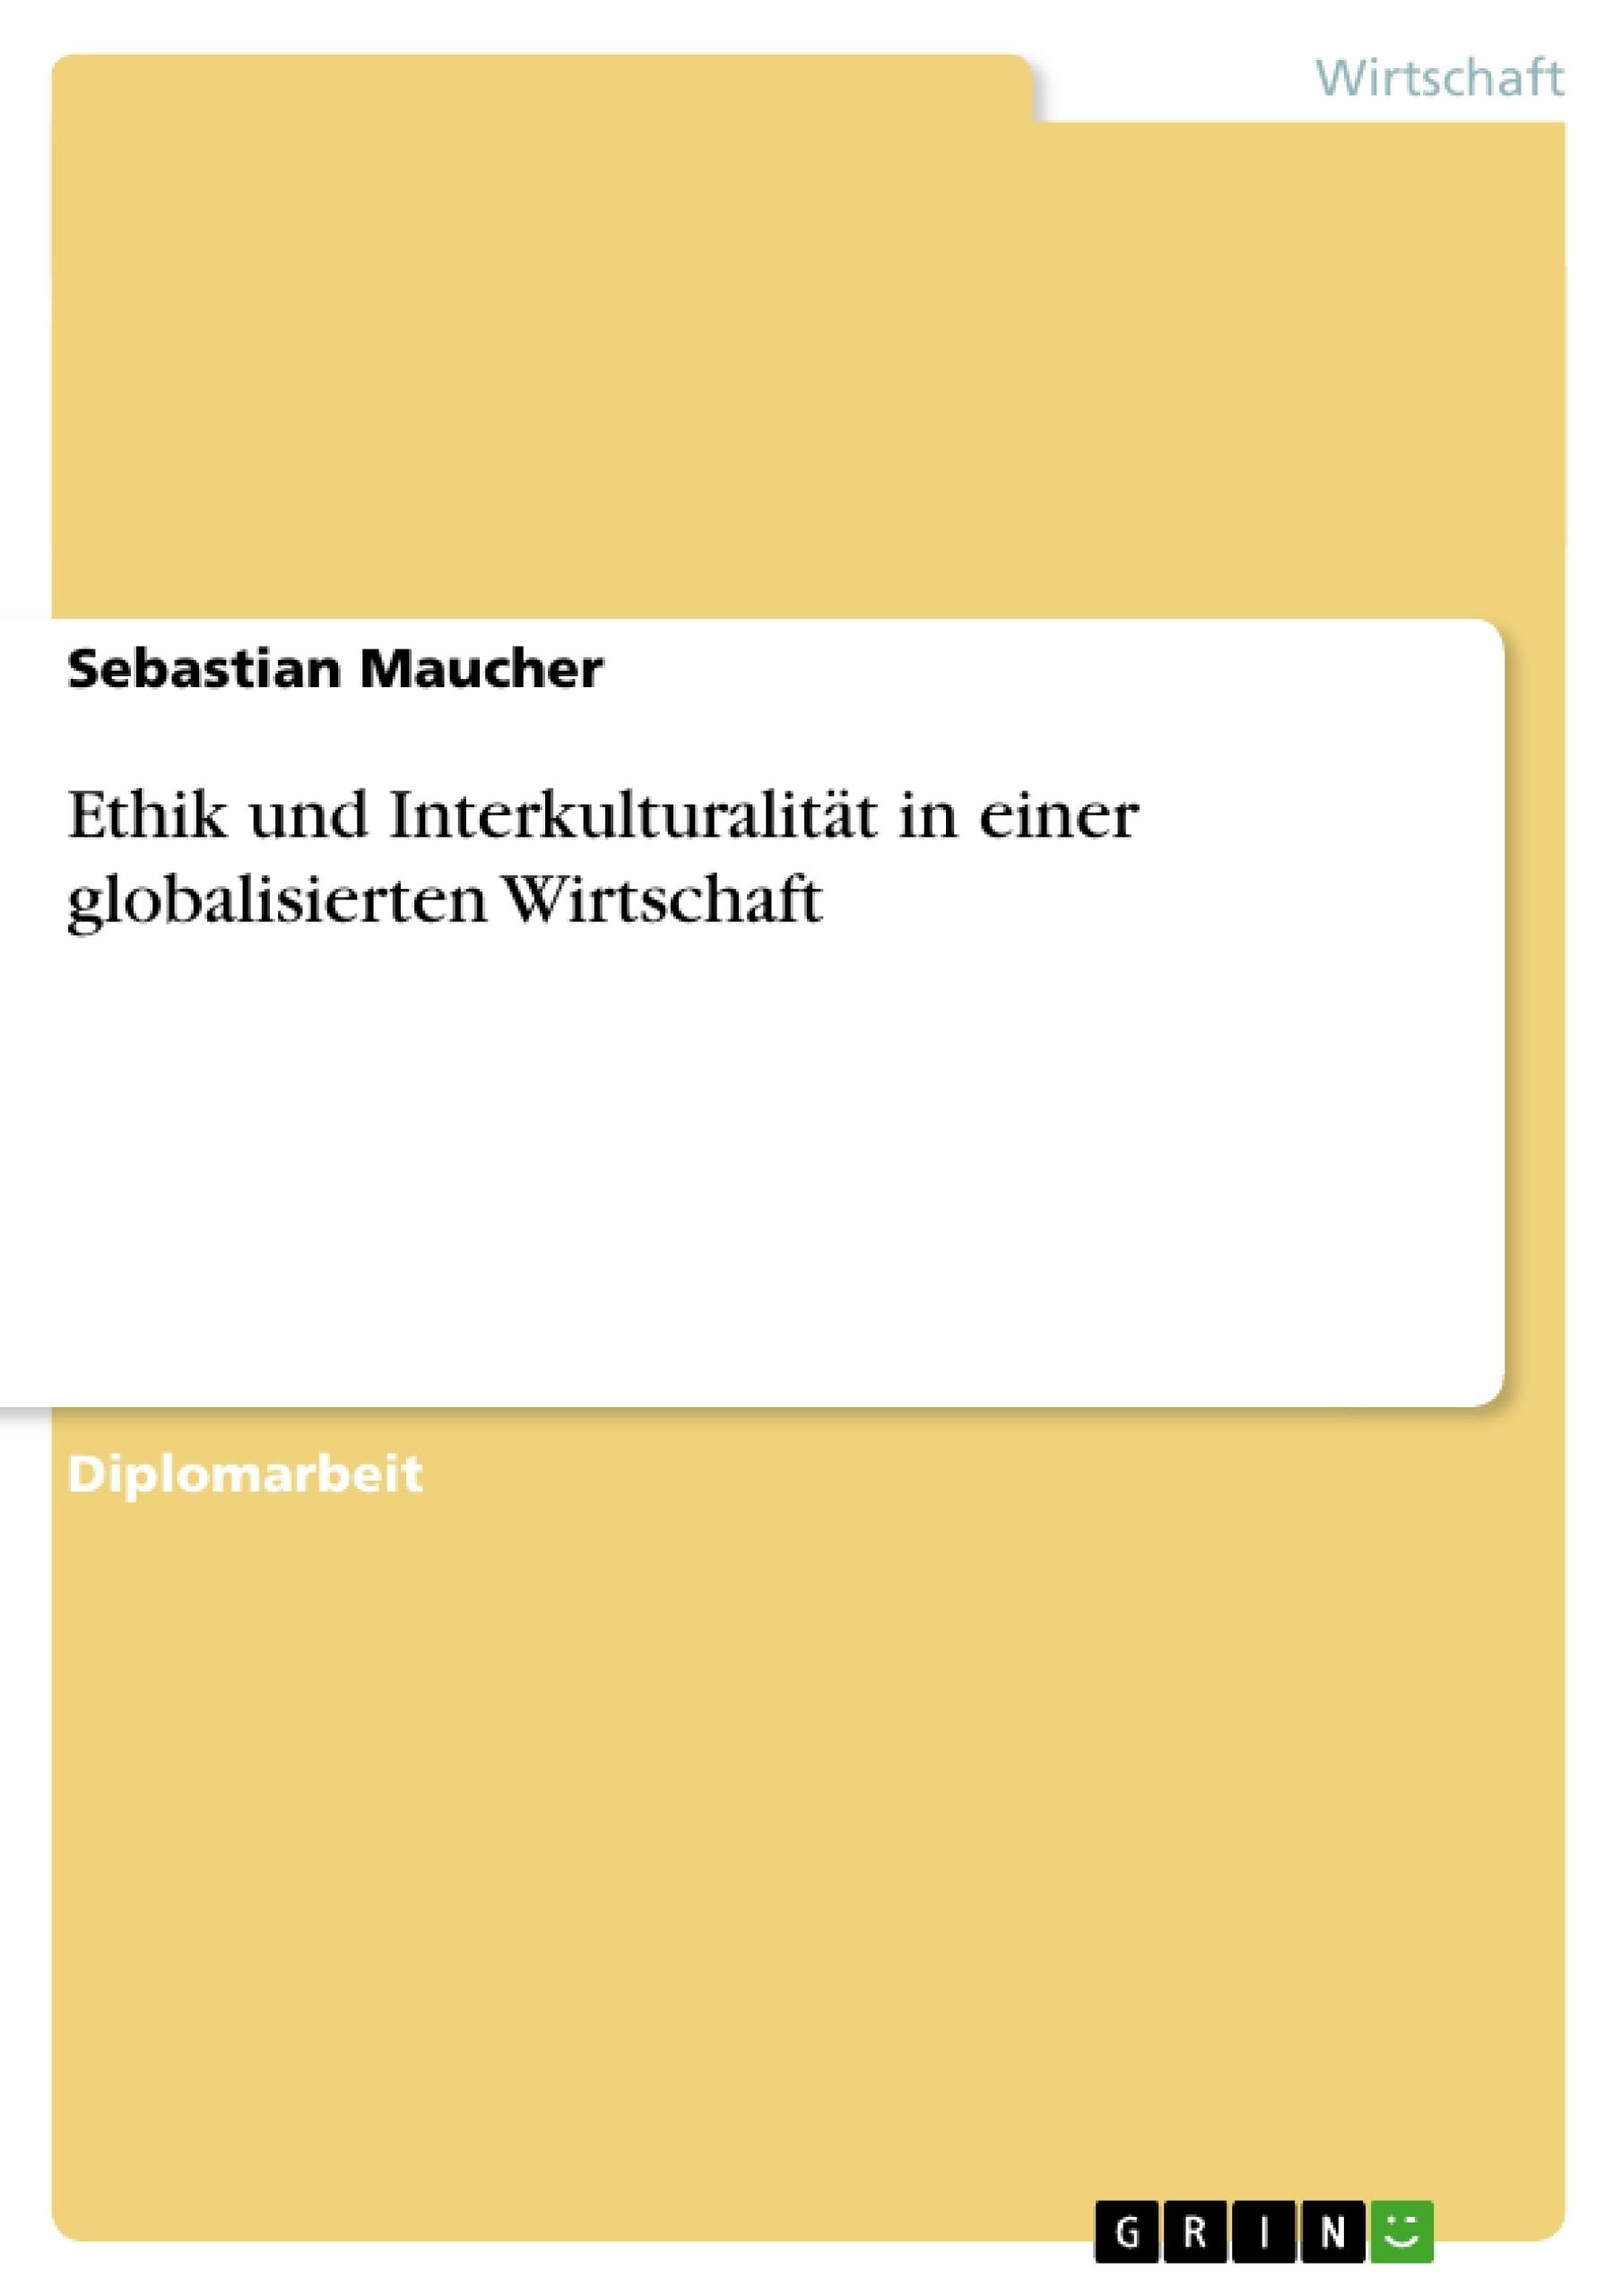 Titel: Ethik und Interkulturalität in einer globalisierten Wirtschaft